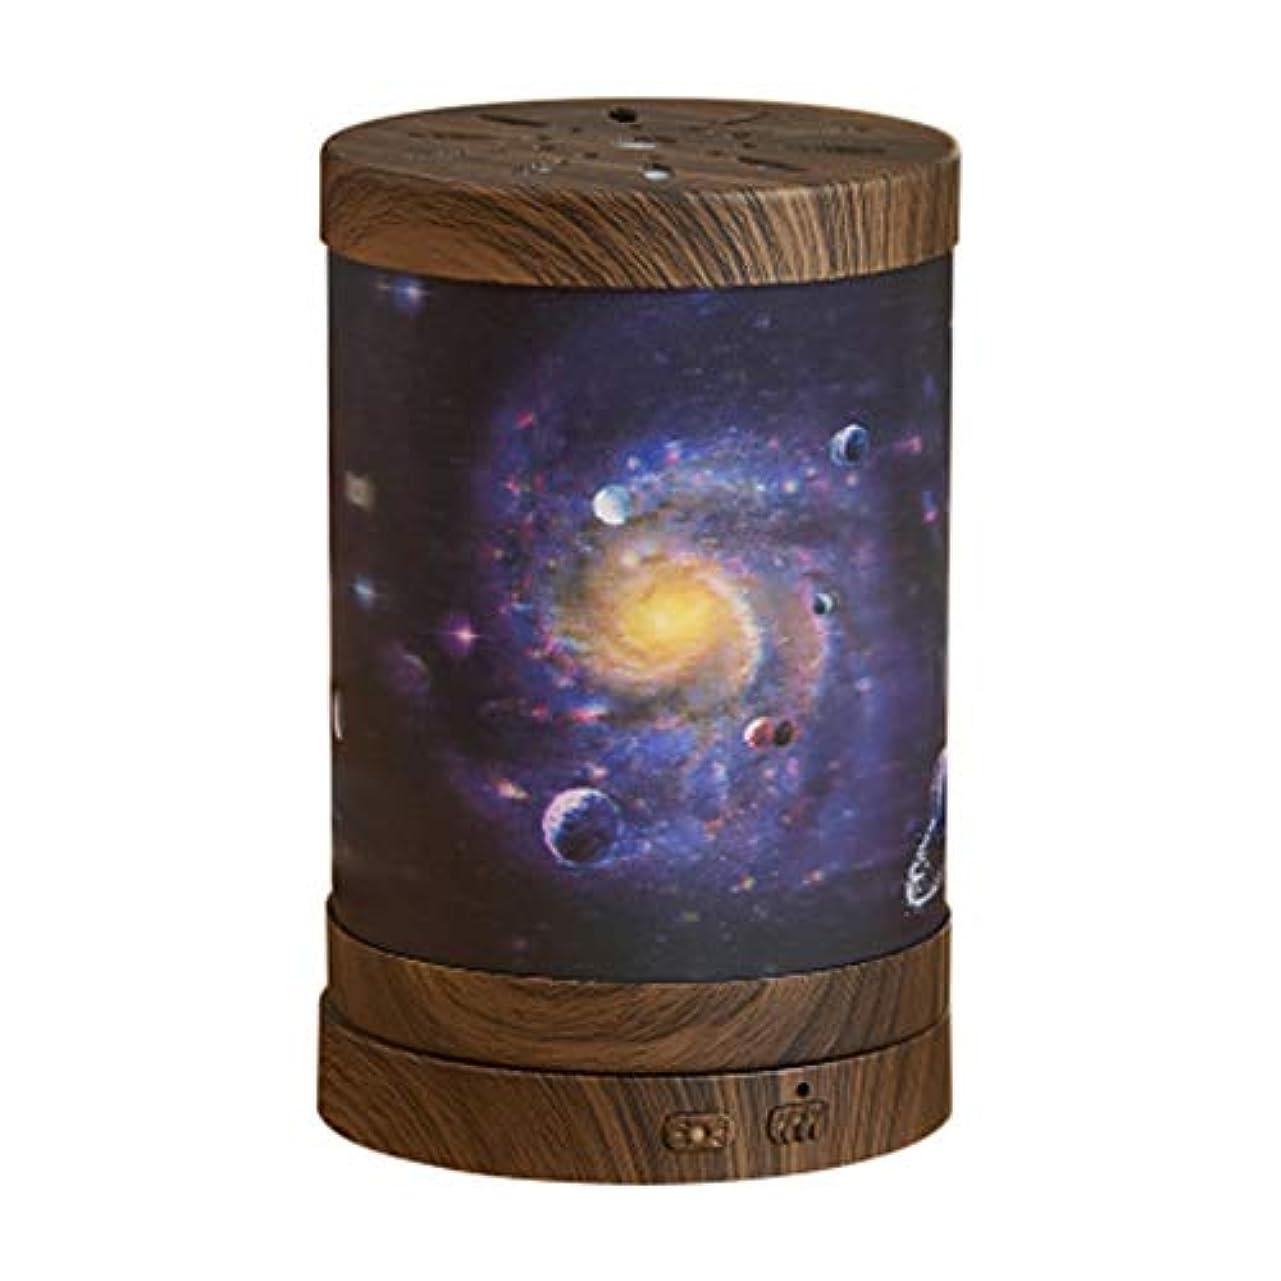 エッセンシャルオイルディフューザー、ギャラクシーのテーマエッセンシャルオイルディフューザー超音波ディフューザークールミスト加湿器、水なしオートクロージング、7色LEDホームライト交換 (Color : Dark wood...